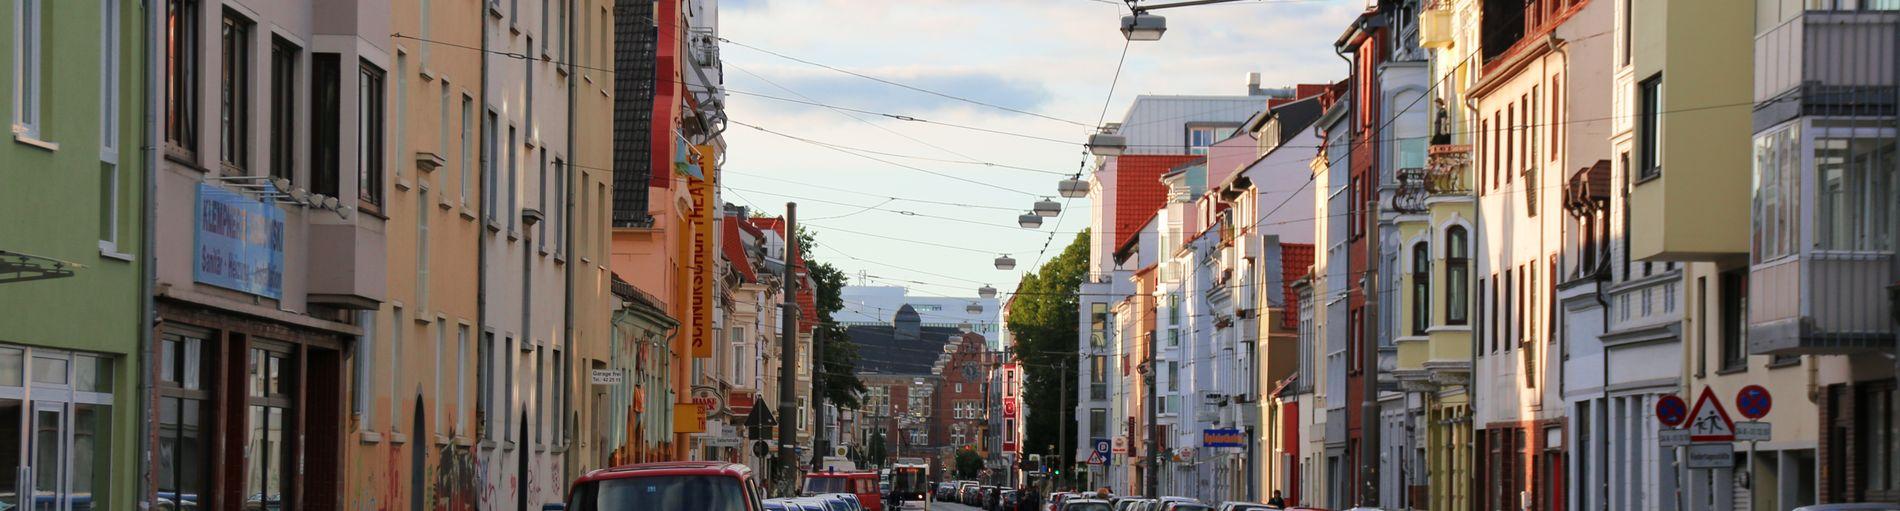 Straßenzug in der Neustadt, zu sehen sind viele bunte Häuser